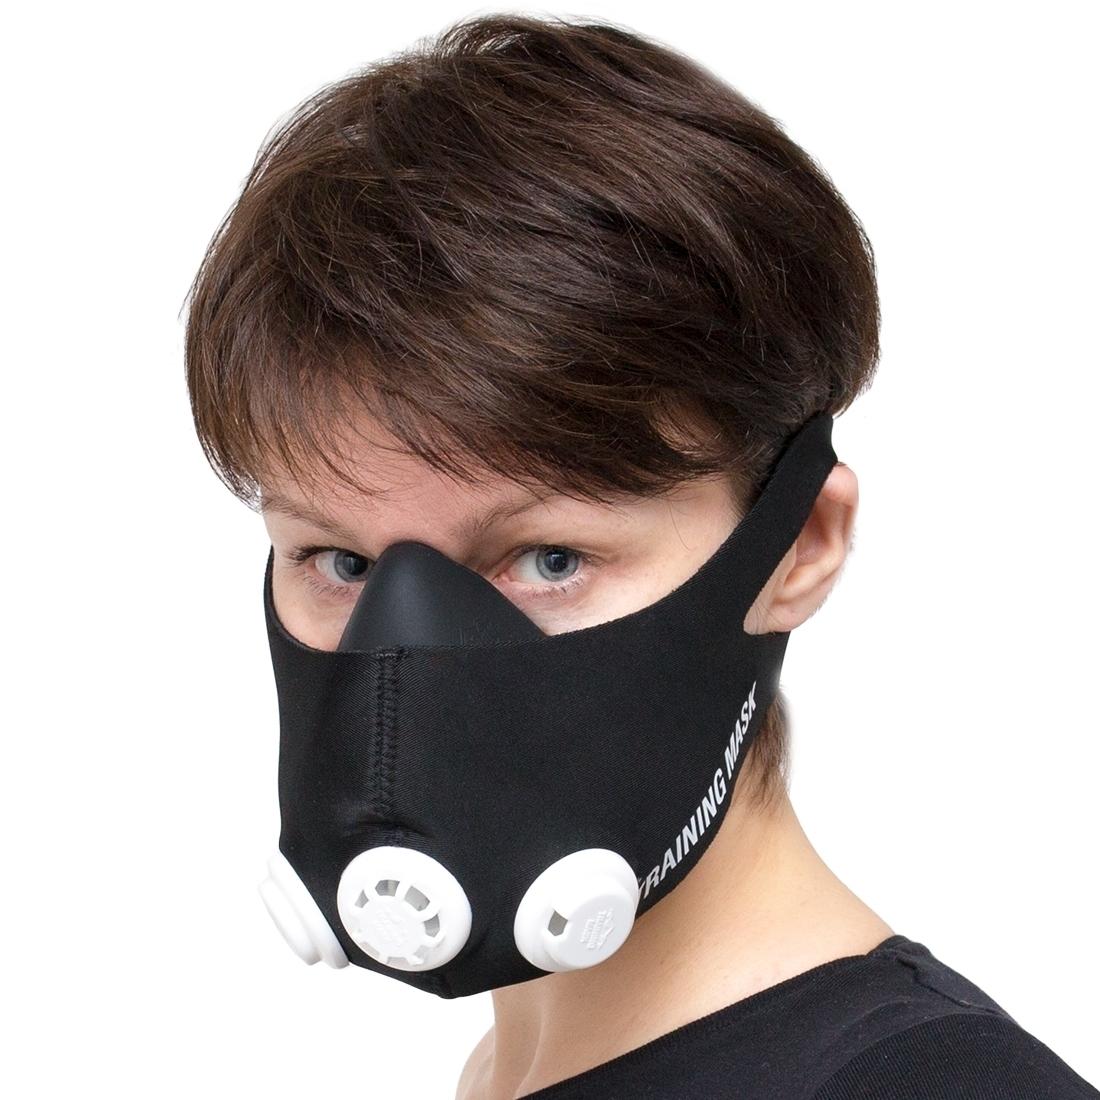 Товары на Маркете Тренировочная маска для бега Training Mask 2.0 training-maska.jpg